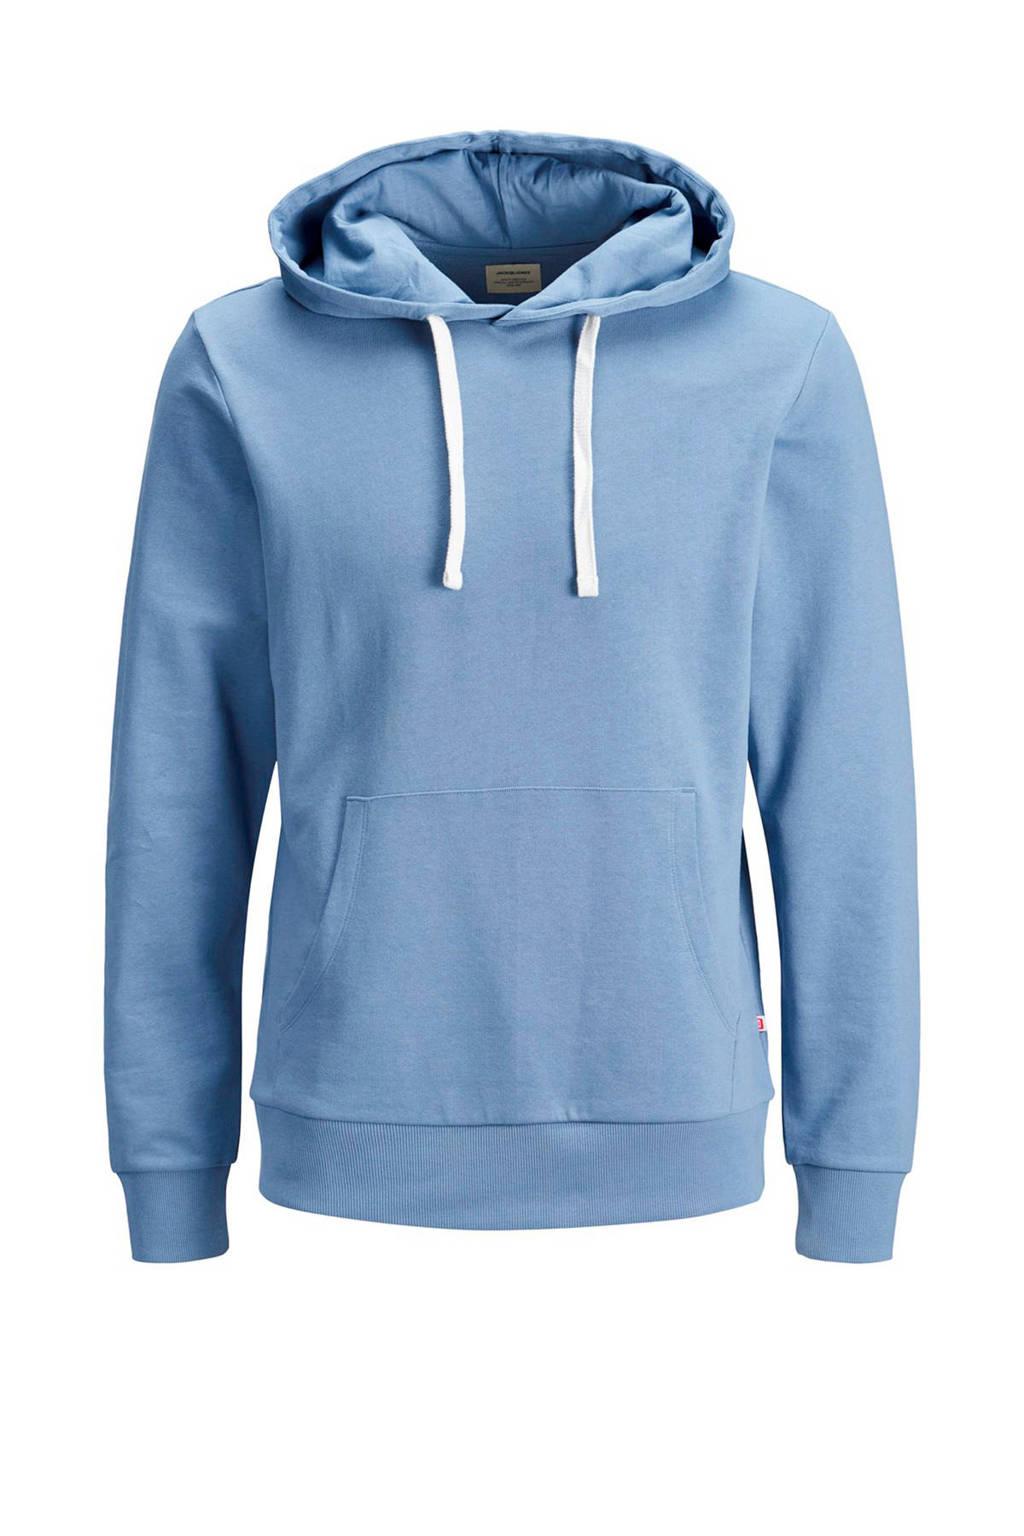 Jack & Jones Essentials Holmen hoodie, Blauw